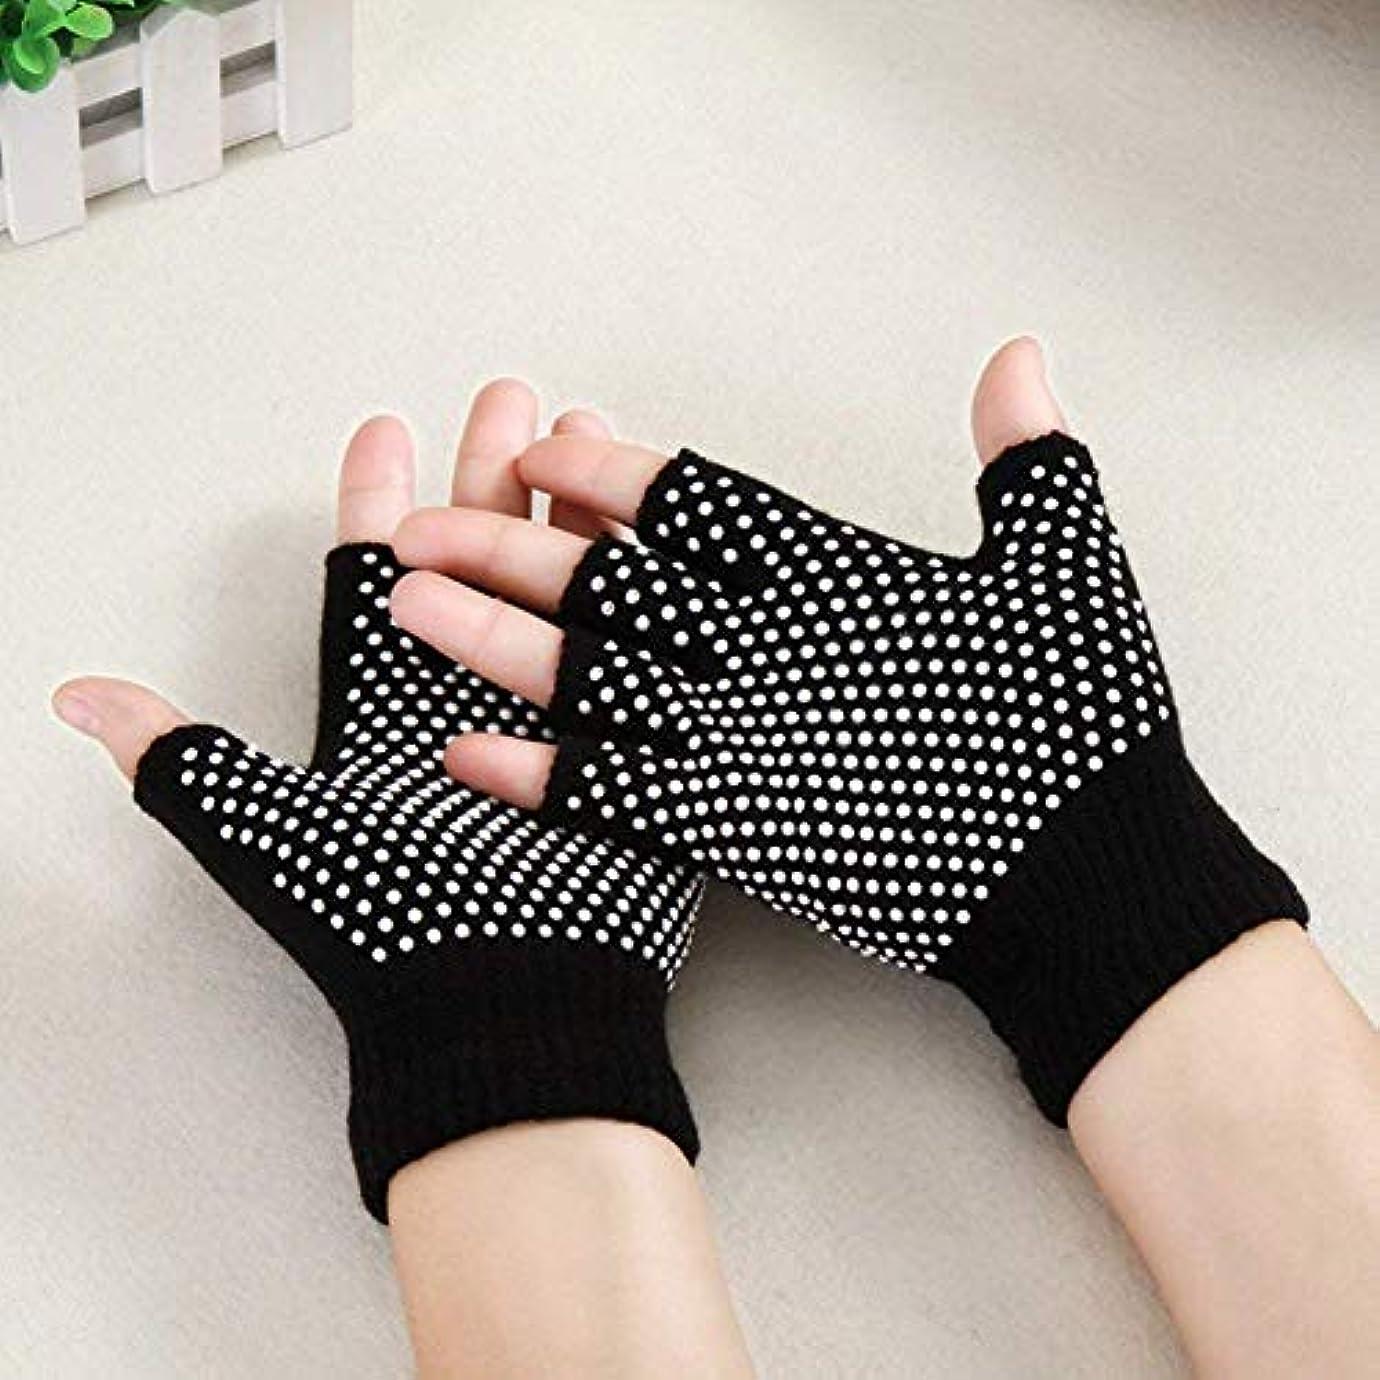 縞模様の作者からかうTyou ヨガ手袋 ヨガ グローブ スポーツ手袋 指なし 手袋 指無しタイプ滑り止め付き 通気性 耐磨耗性 スポーツ グローブ 男女兼用